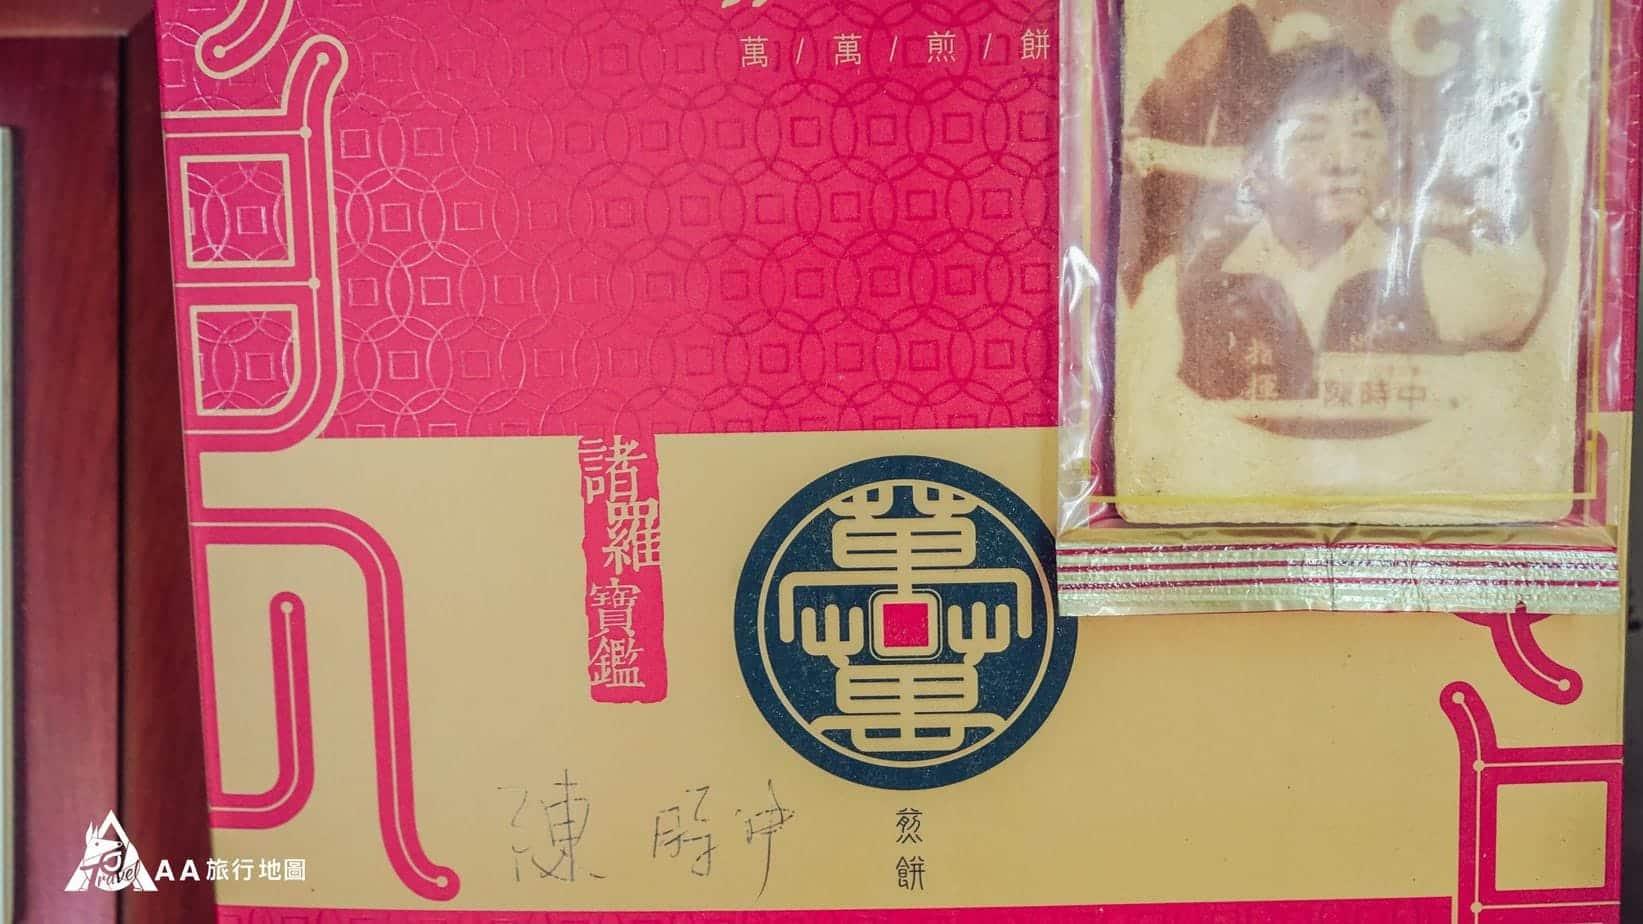 嘉冠喜 陳時中照片的餅乾,這個可以拿自己照片來,當作喜餅或送禮應該很不錯